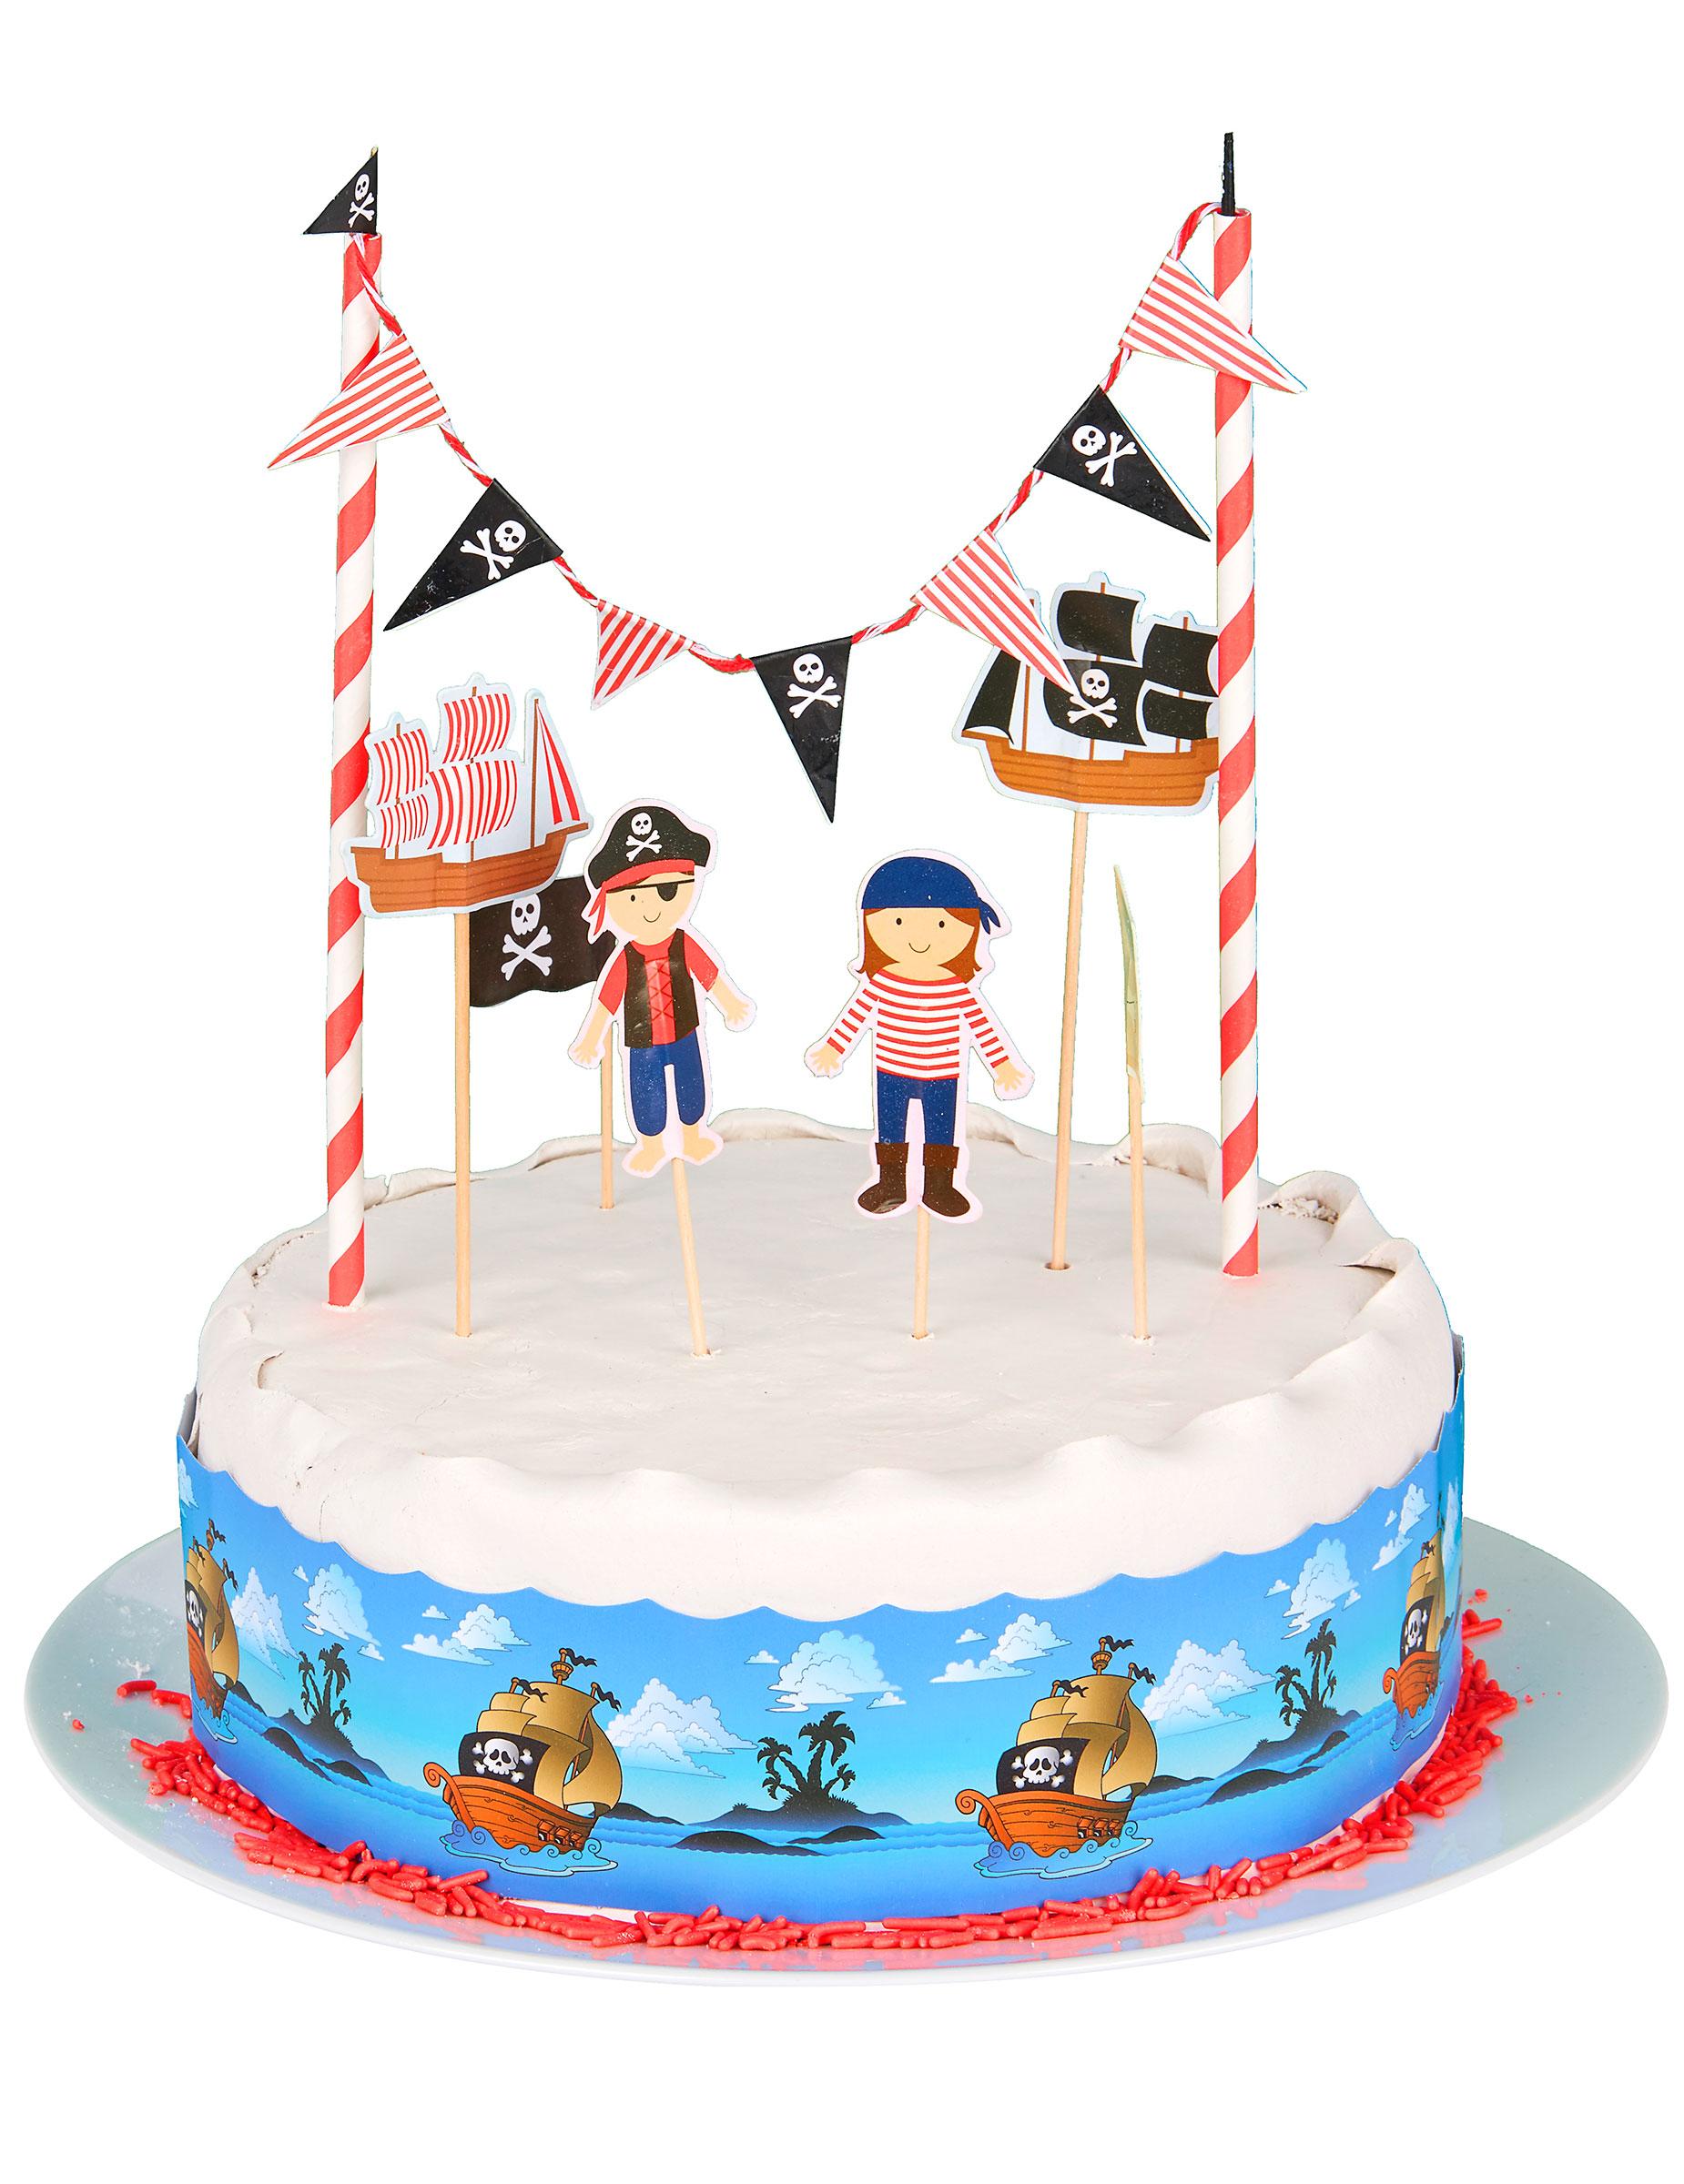 Set decorazione per torte pirati addobbi e vestiti di carnevale online vegaoo - Decorazioni per torte di carnevale ...